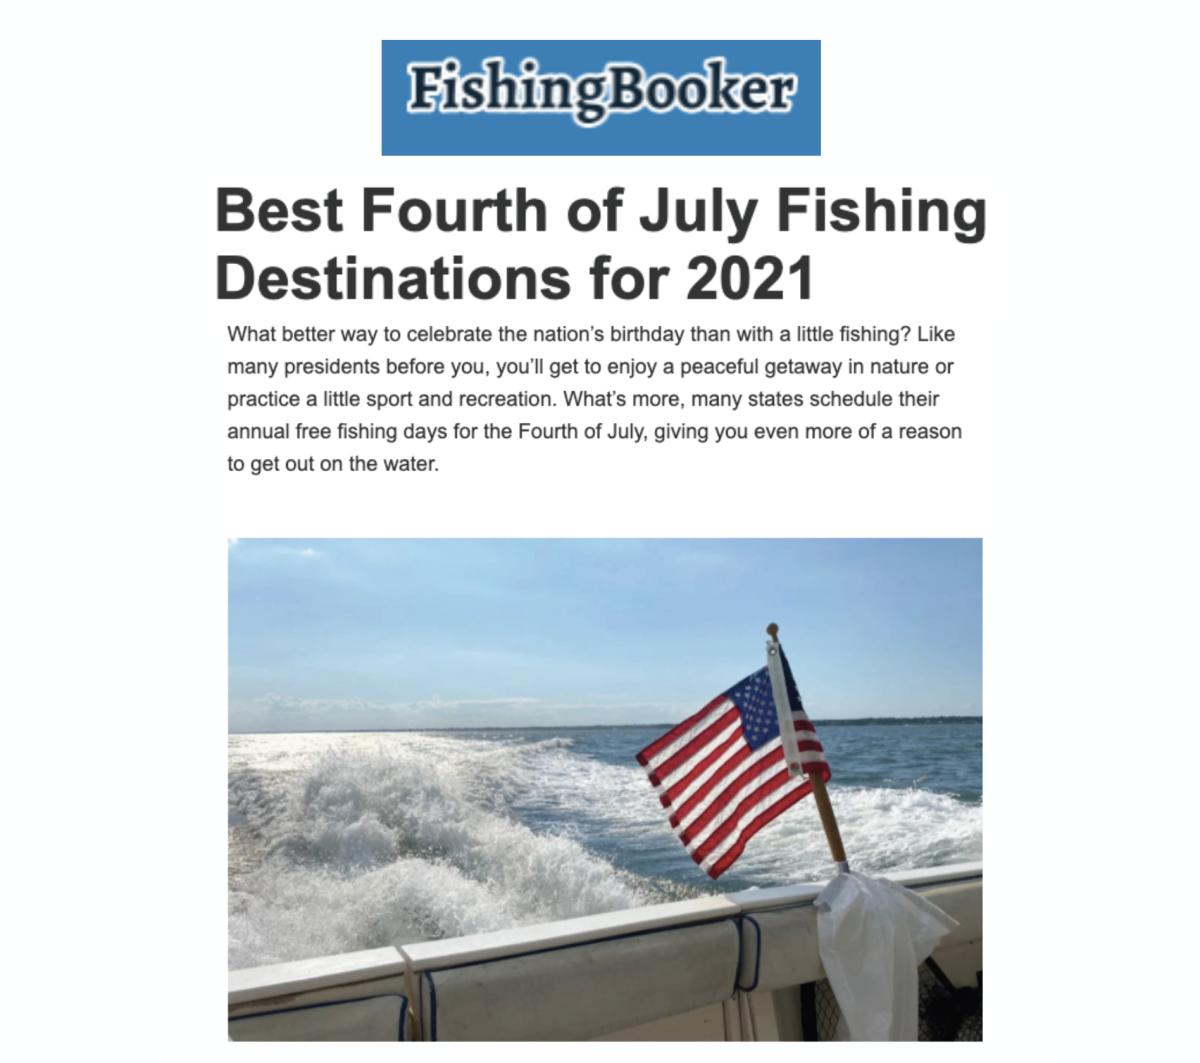 Fishing Booker